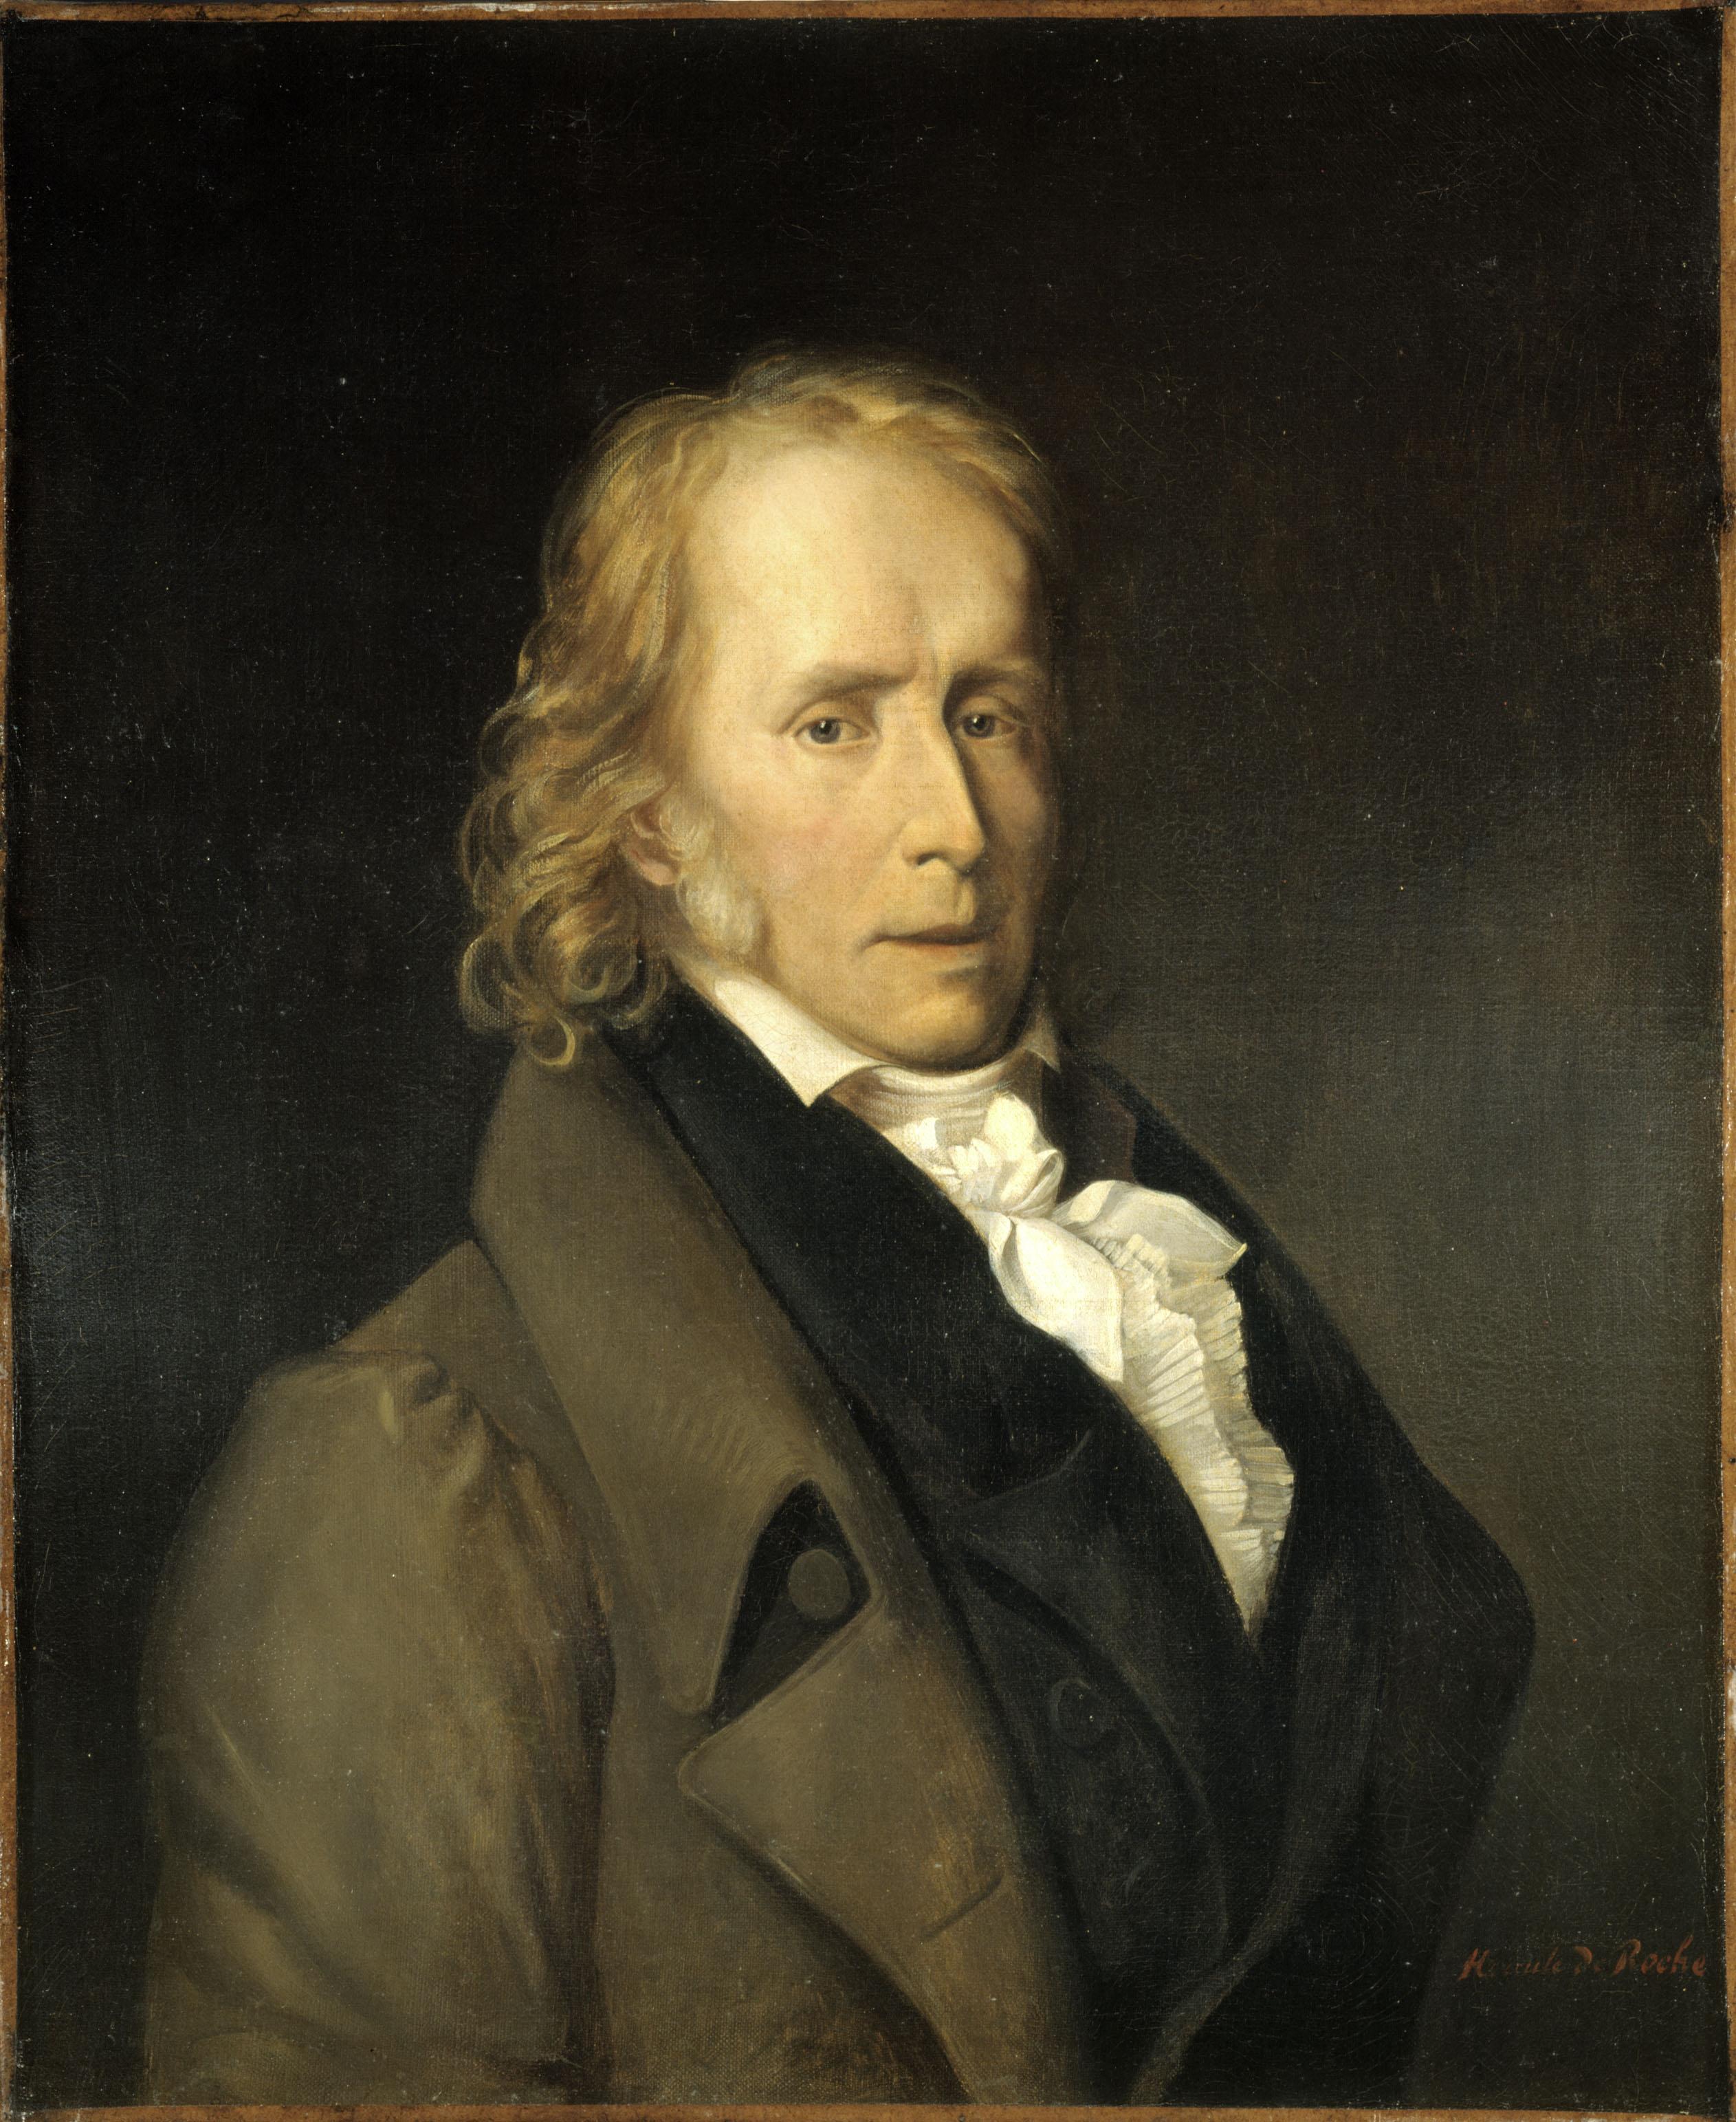 Portrait by Hercule de Roche, c. 1820